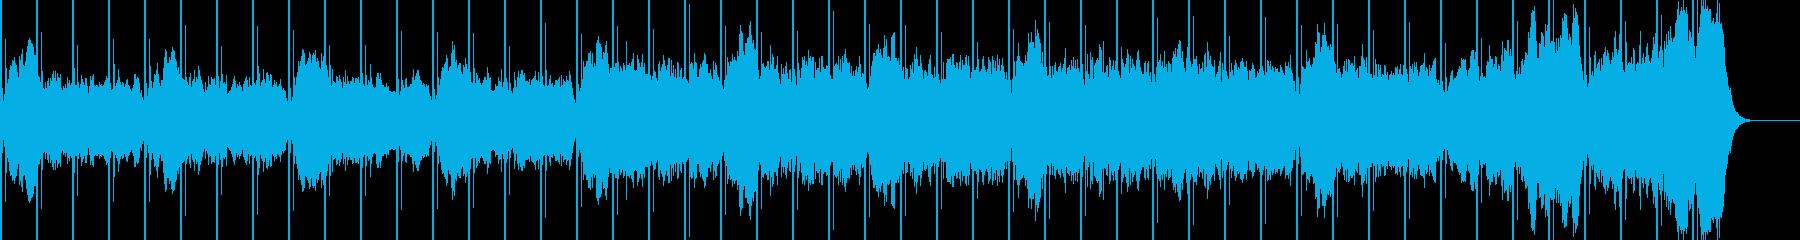 不穏な雰囲気のストリングス曲の再生済みの波形